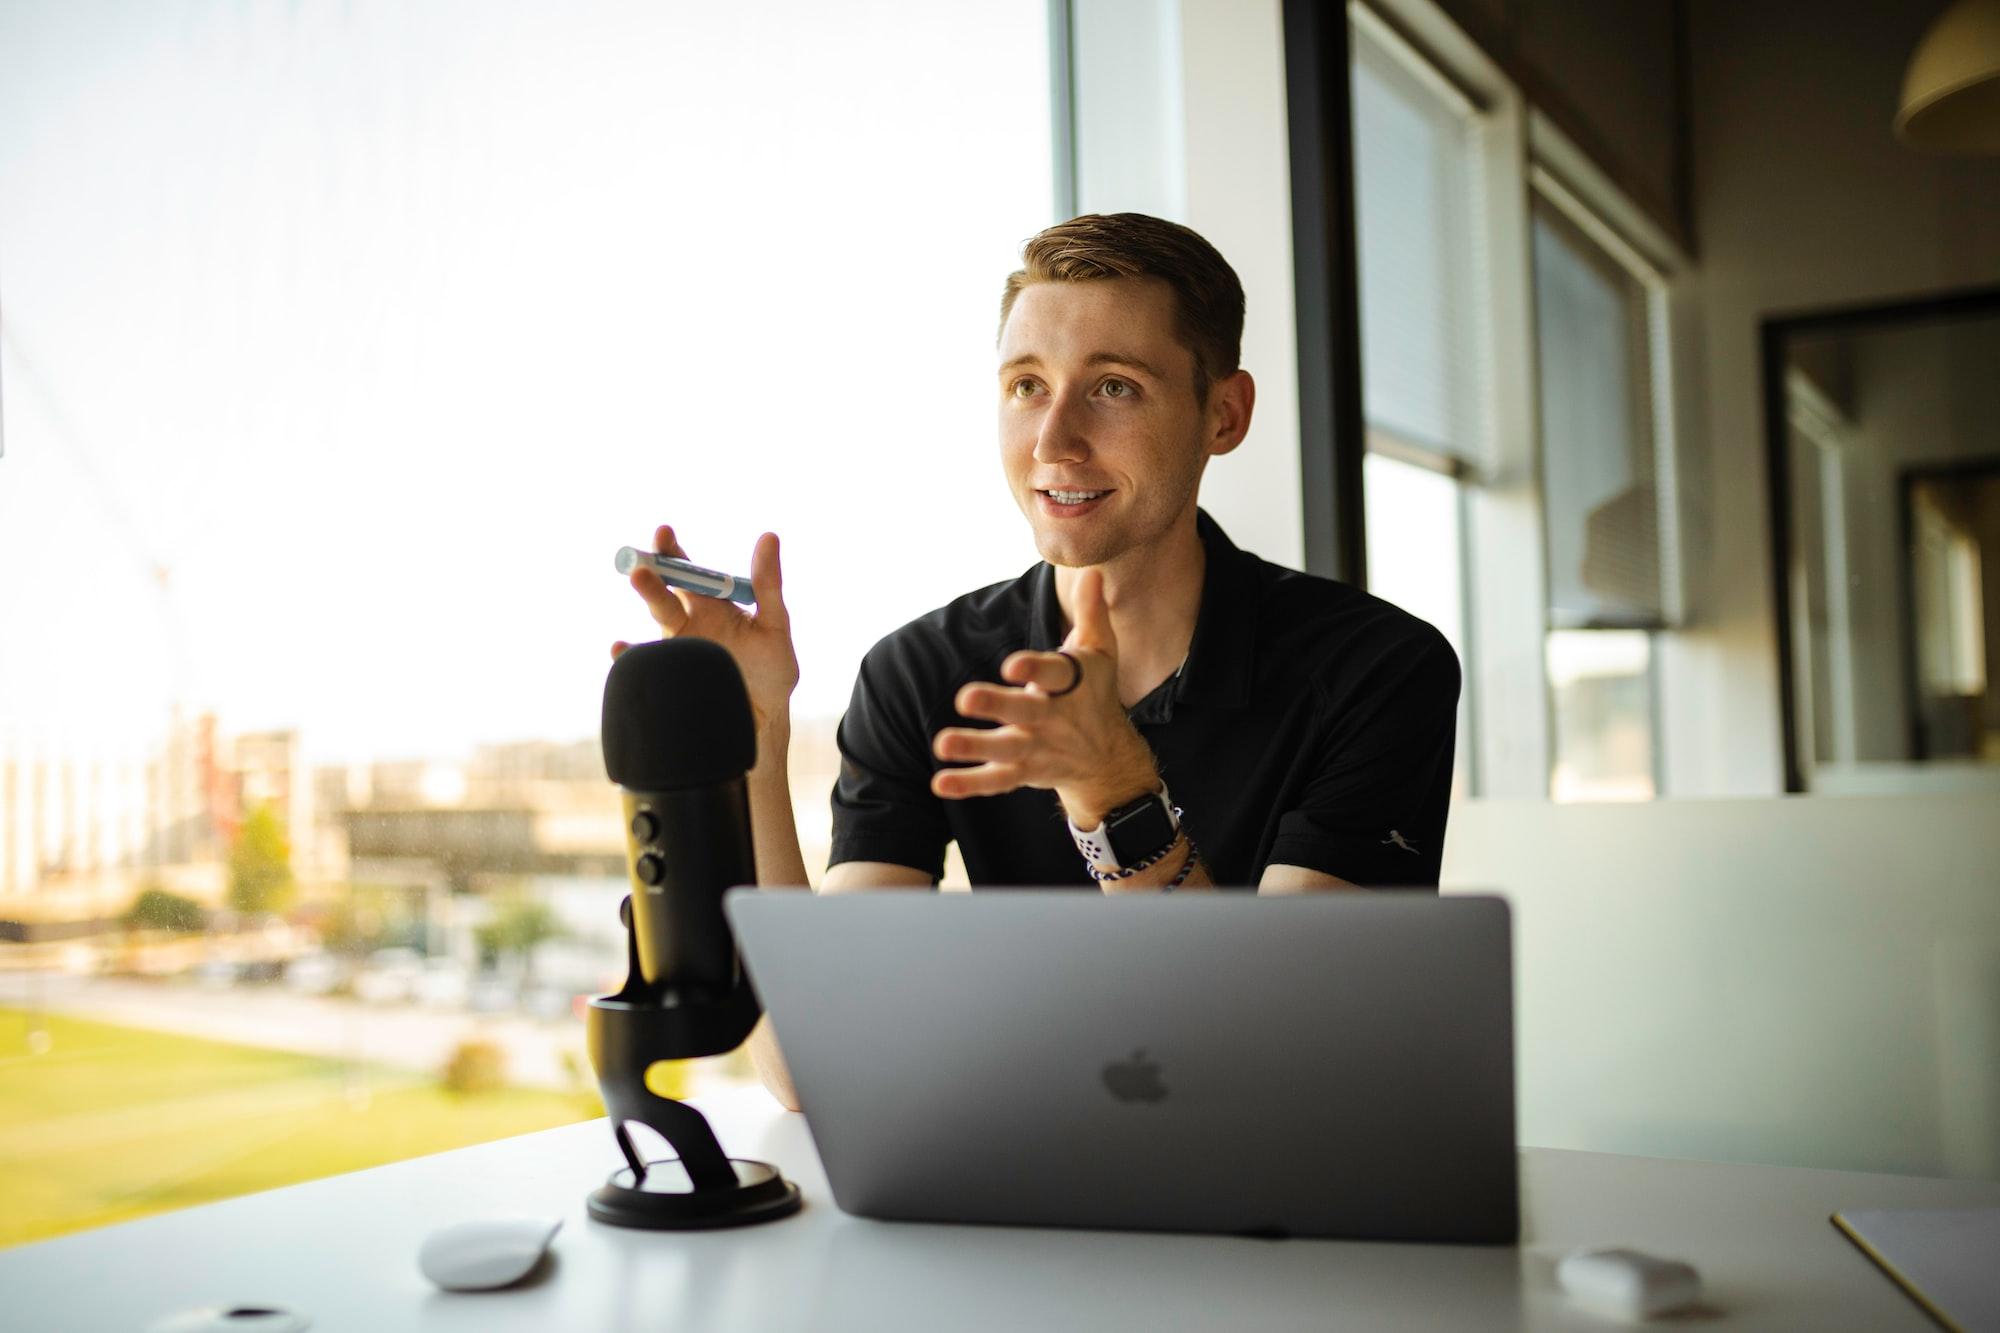 Criação de conteúdo: o equipamento e as ferramentas que deves usar para criar conteúdo